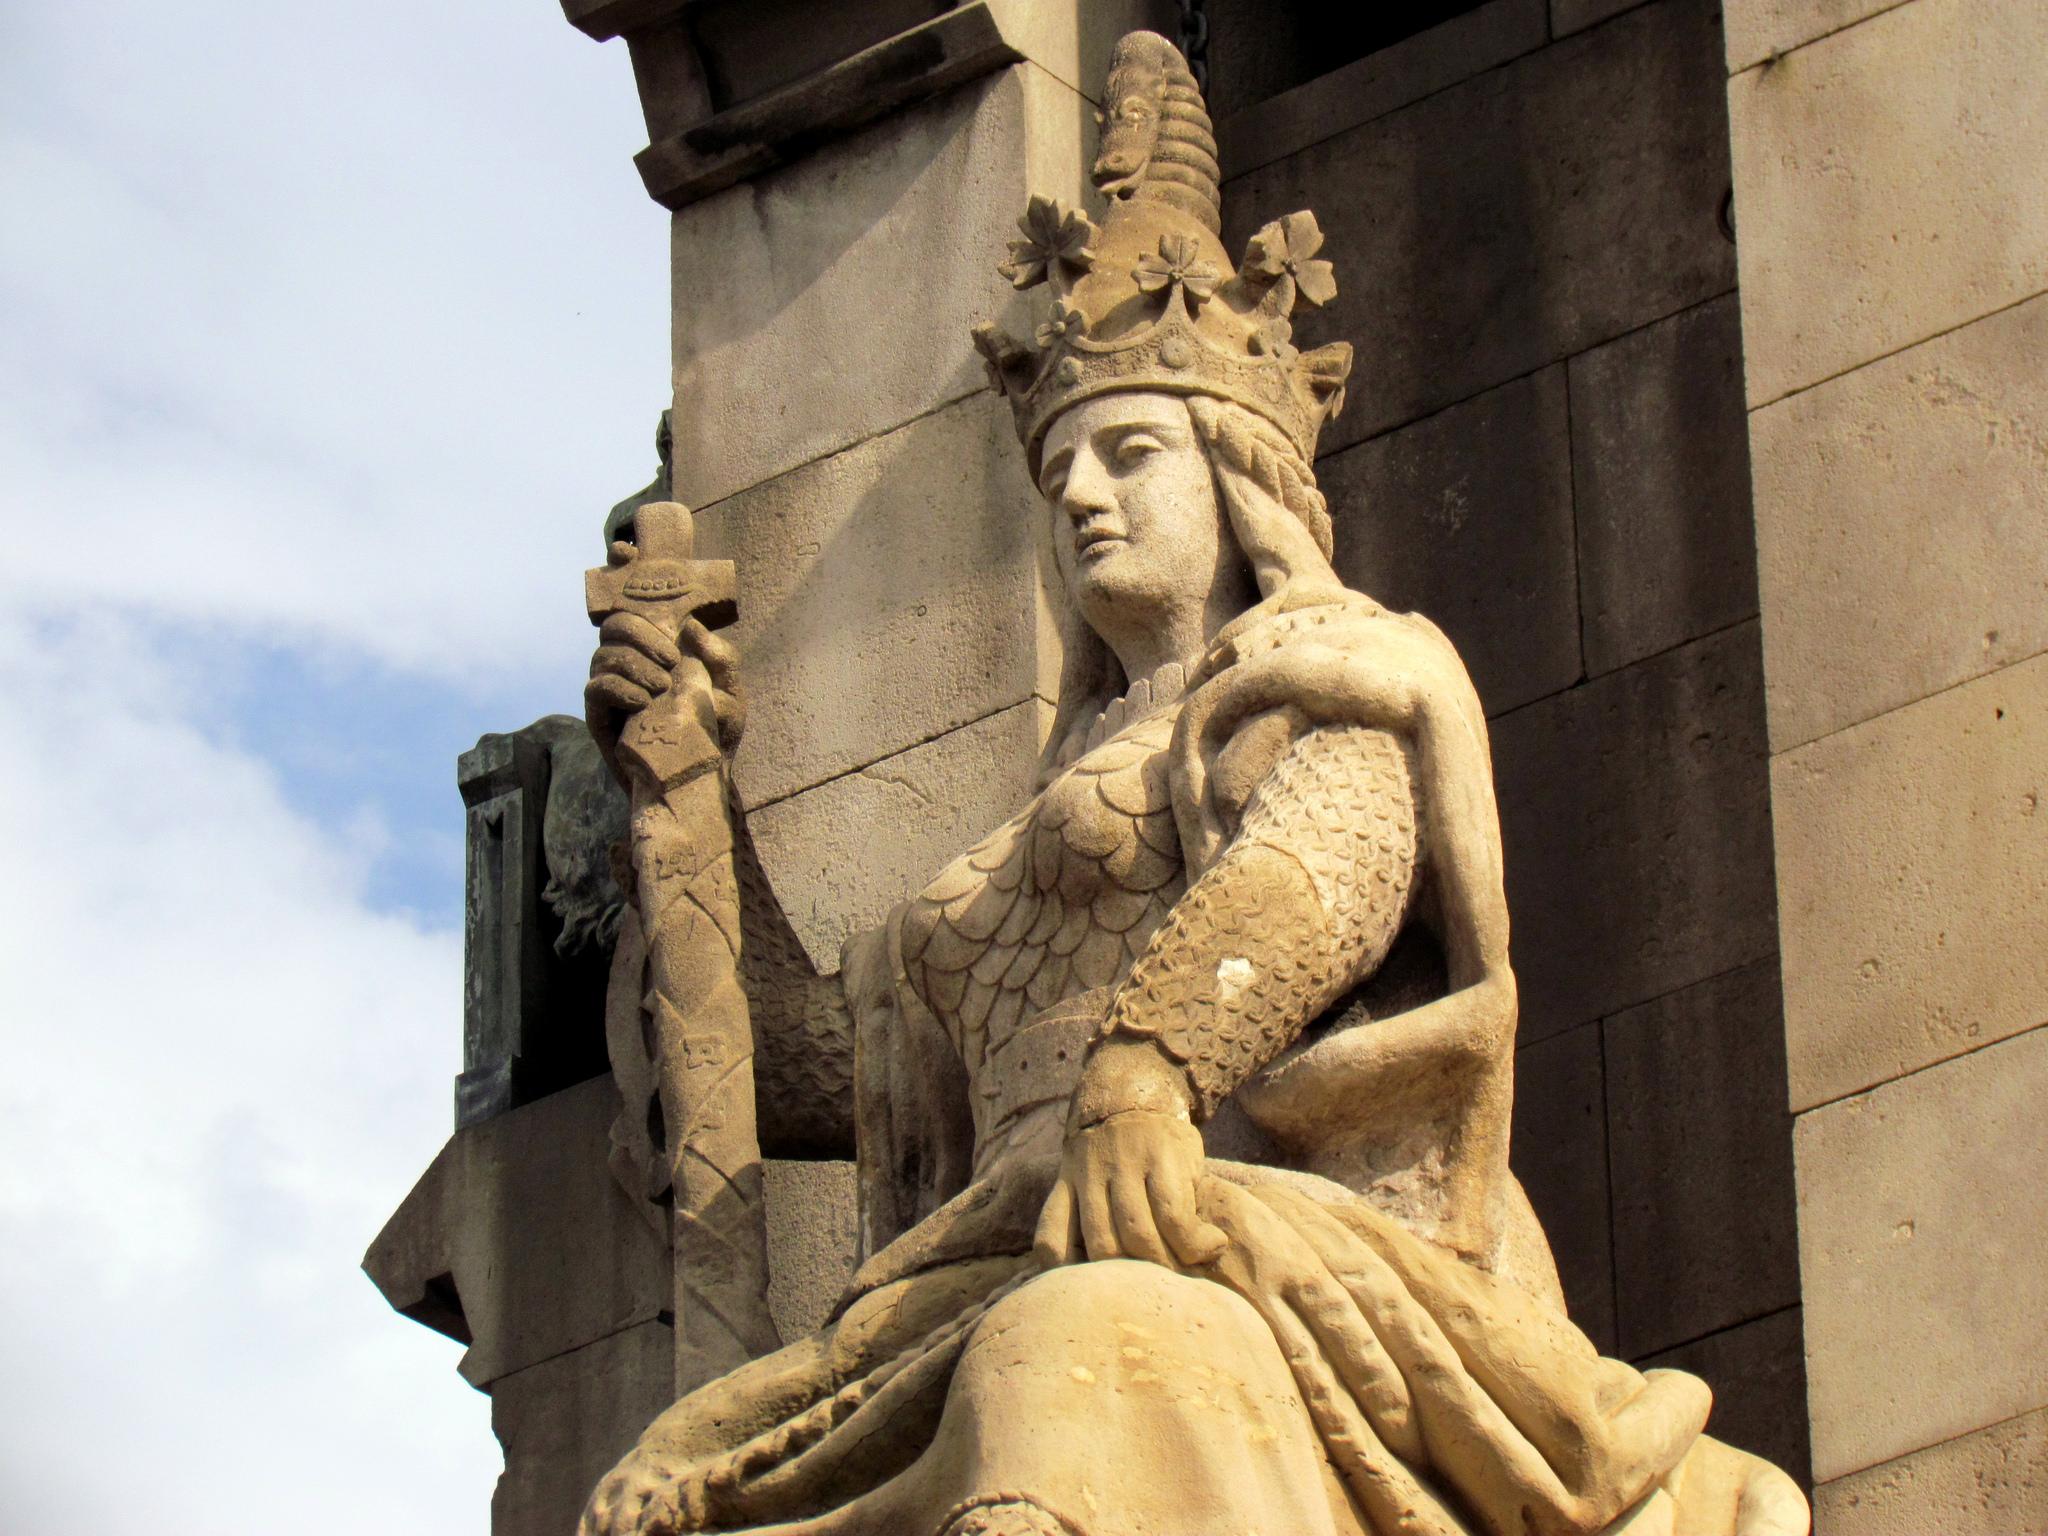 Монумент Колумбу в Барселоне, деталь пьедестала